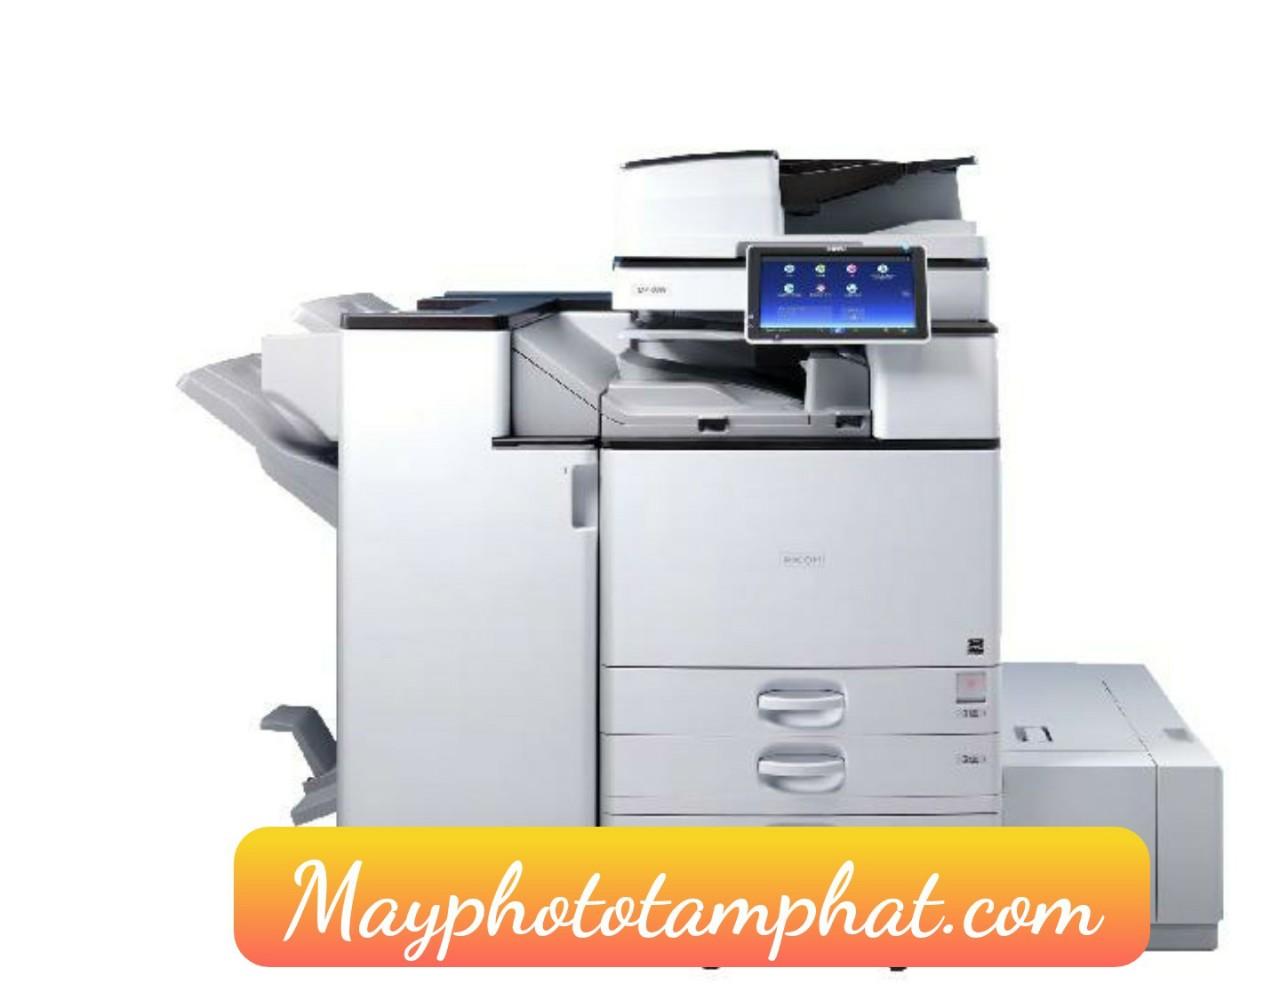 Những câu hỏi thường gặp về dịch vụ thuê máy photocopy